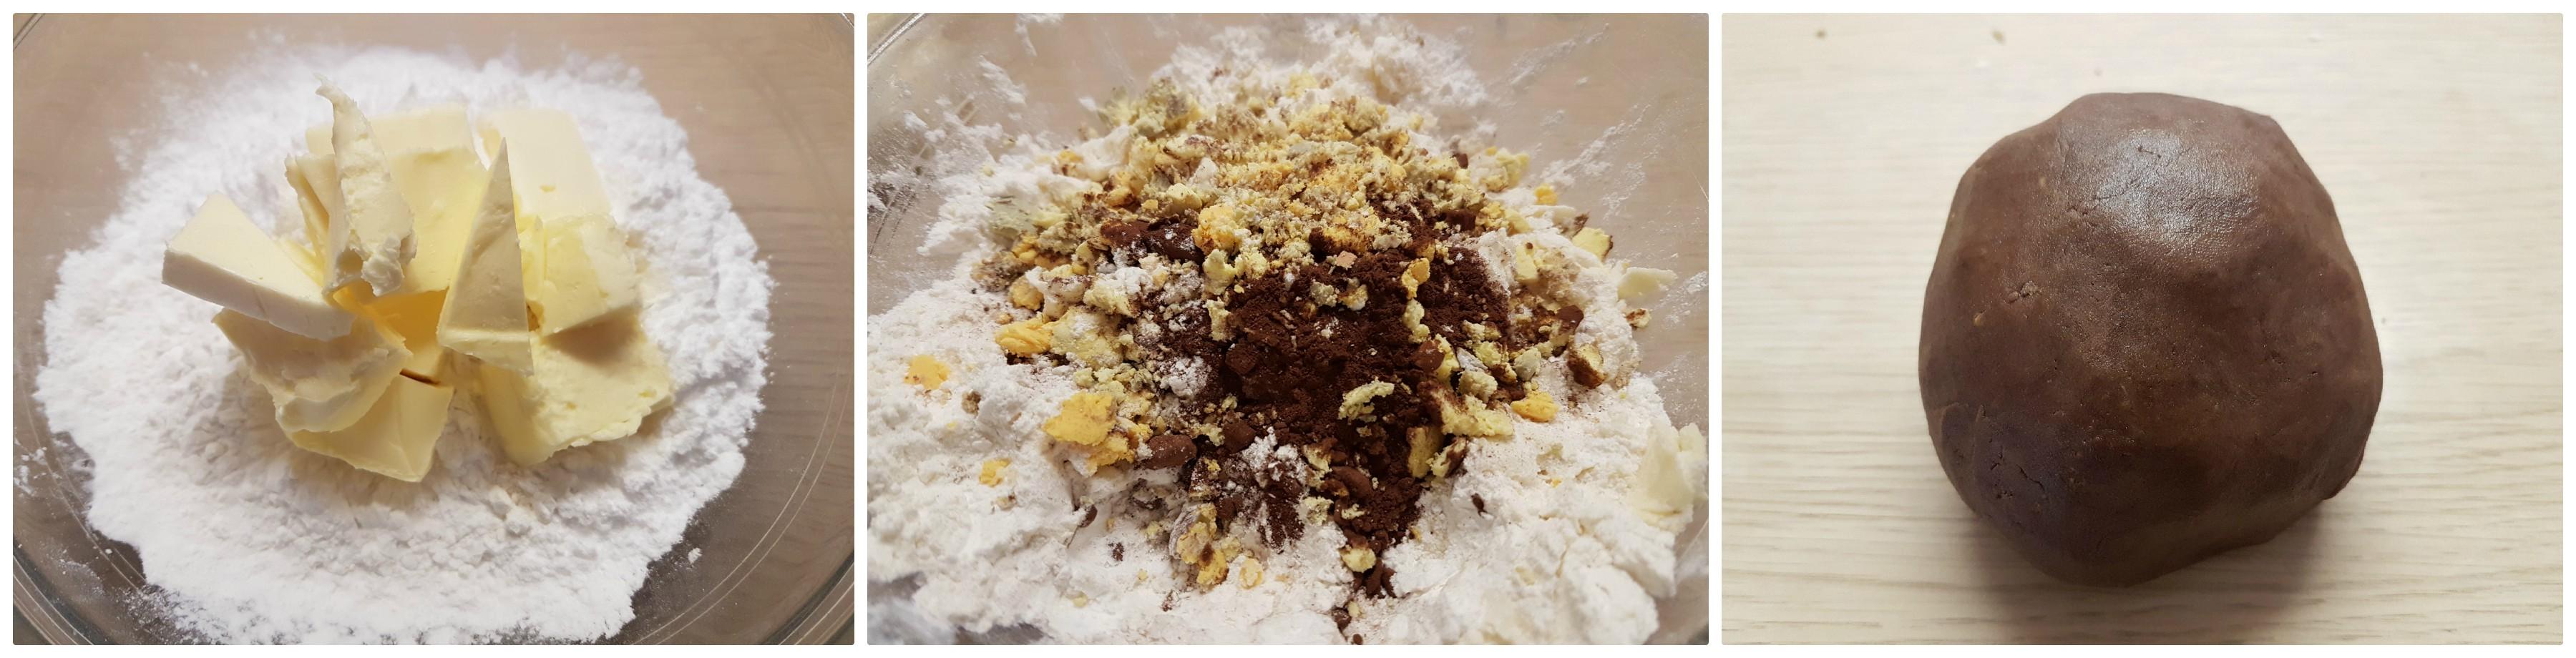 Biscotti canestrelli al cioccolato golosi e friabili con frolla ovis mollis al cacao ricetta Dulcisss in forno by Leyla